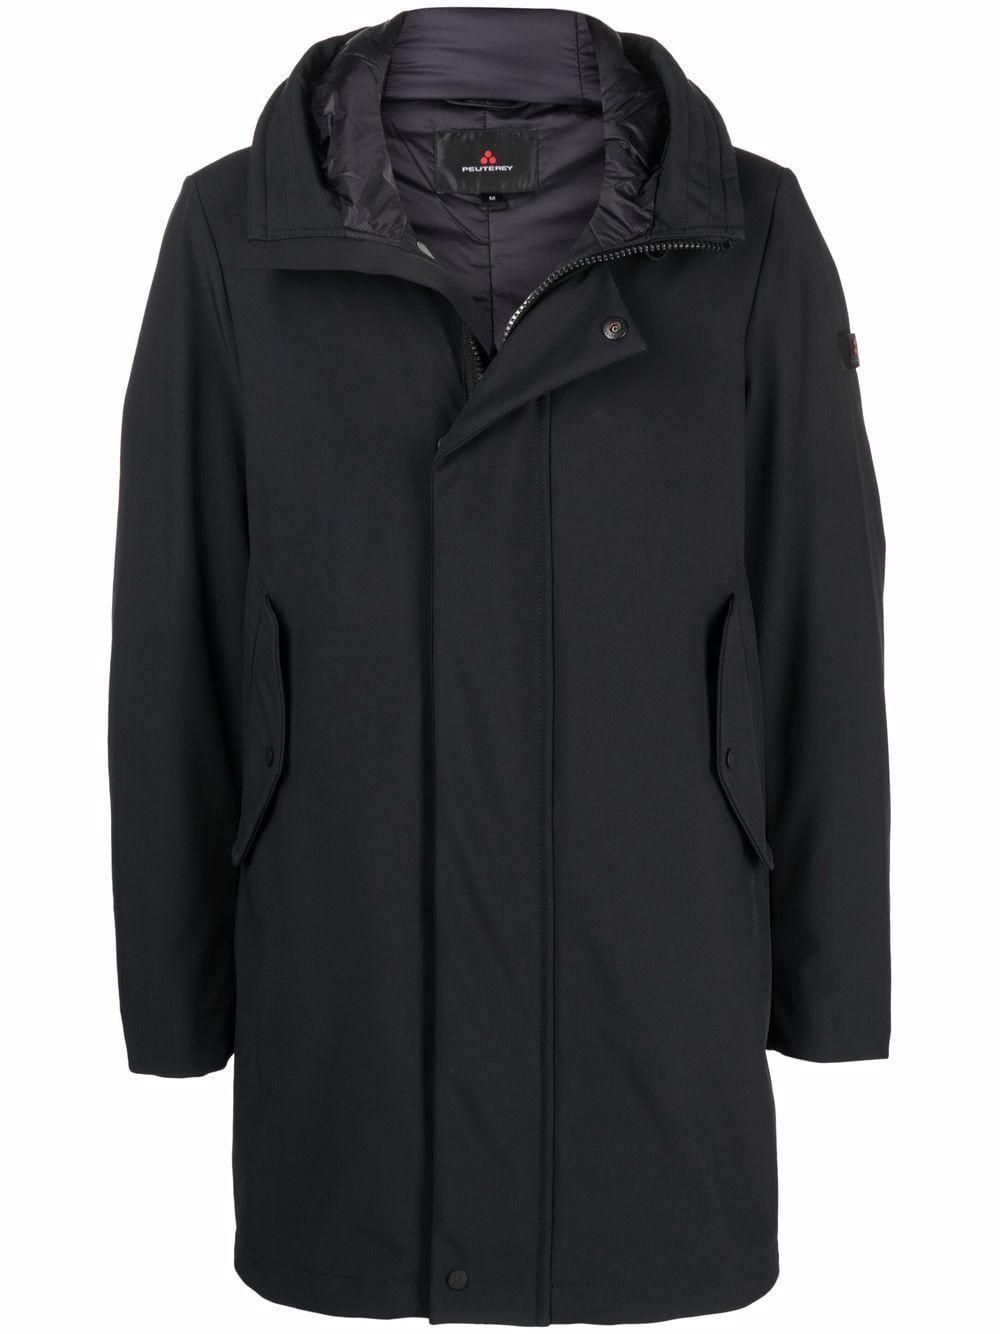 Peuterey giacconi nero